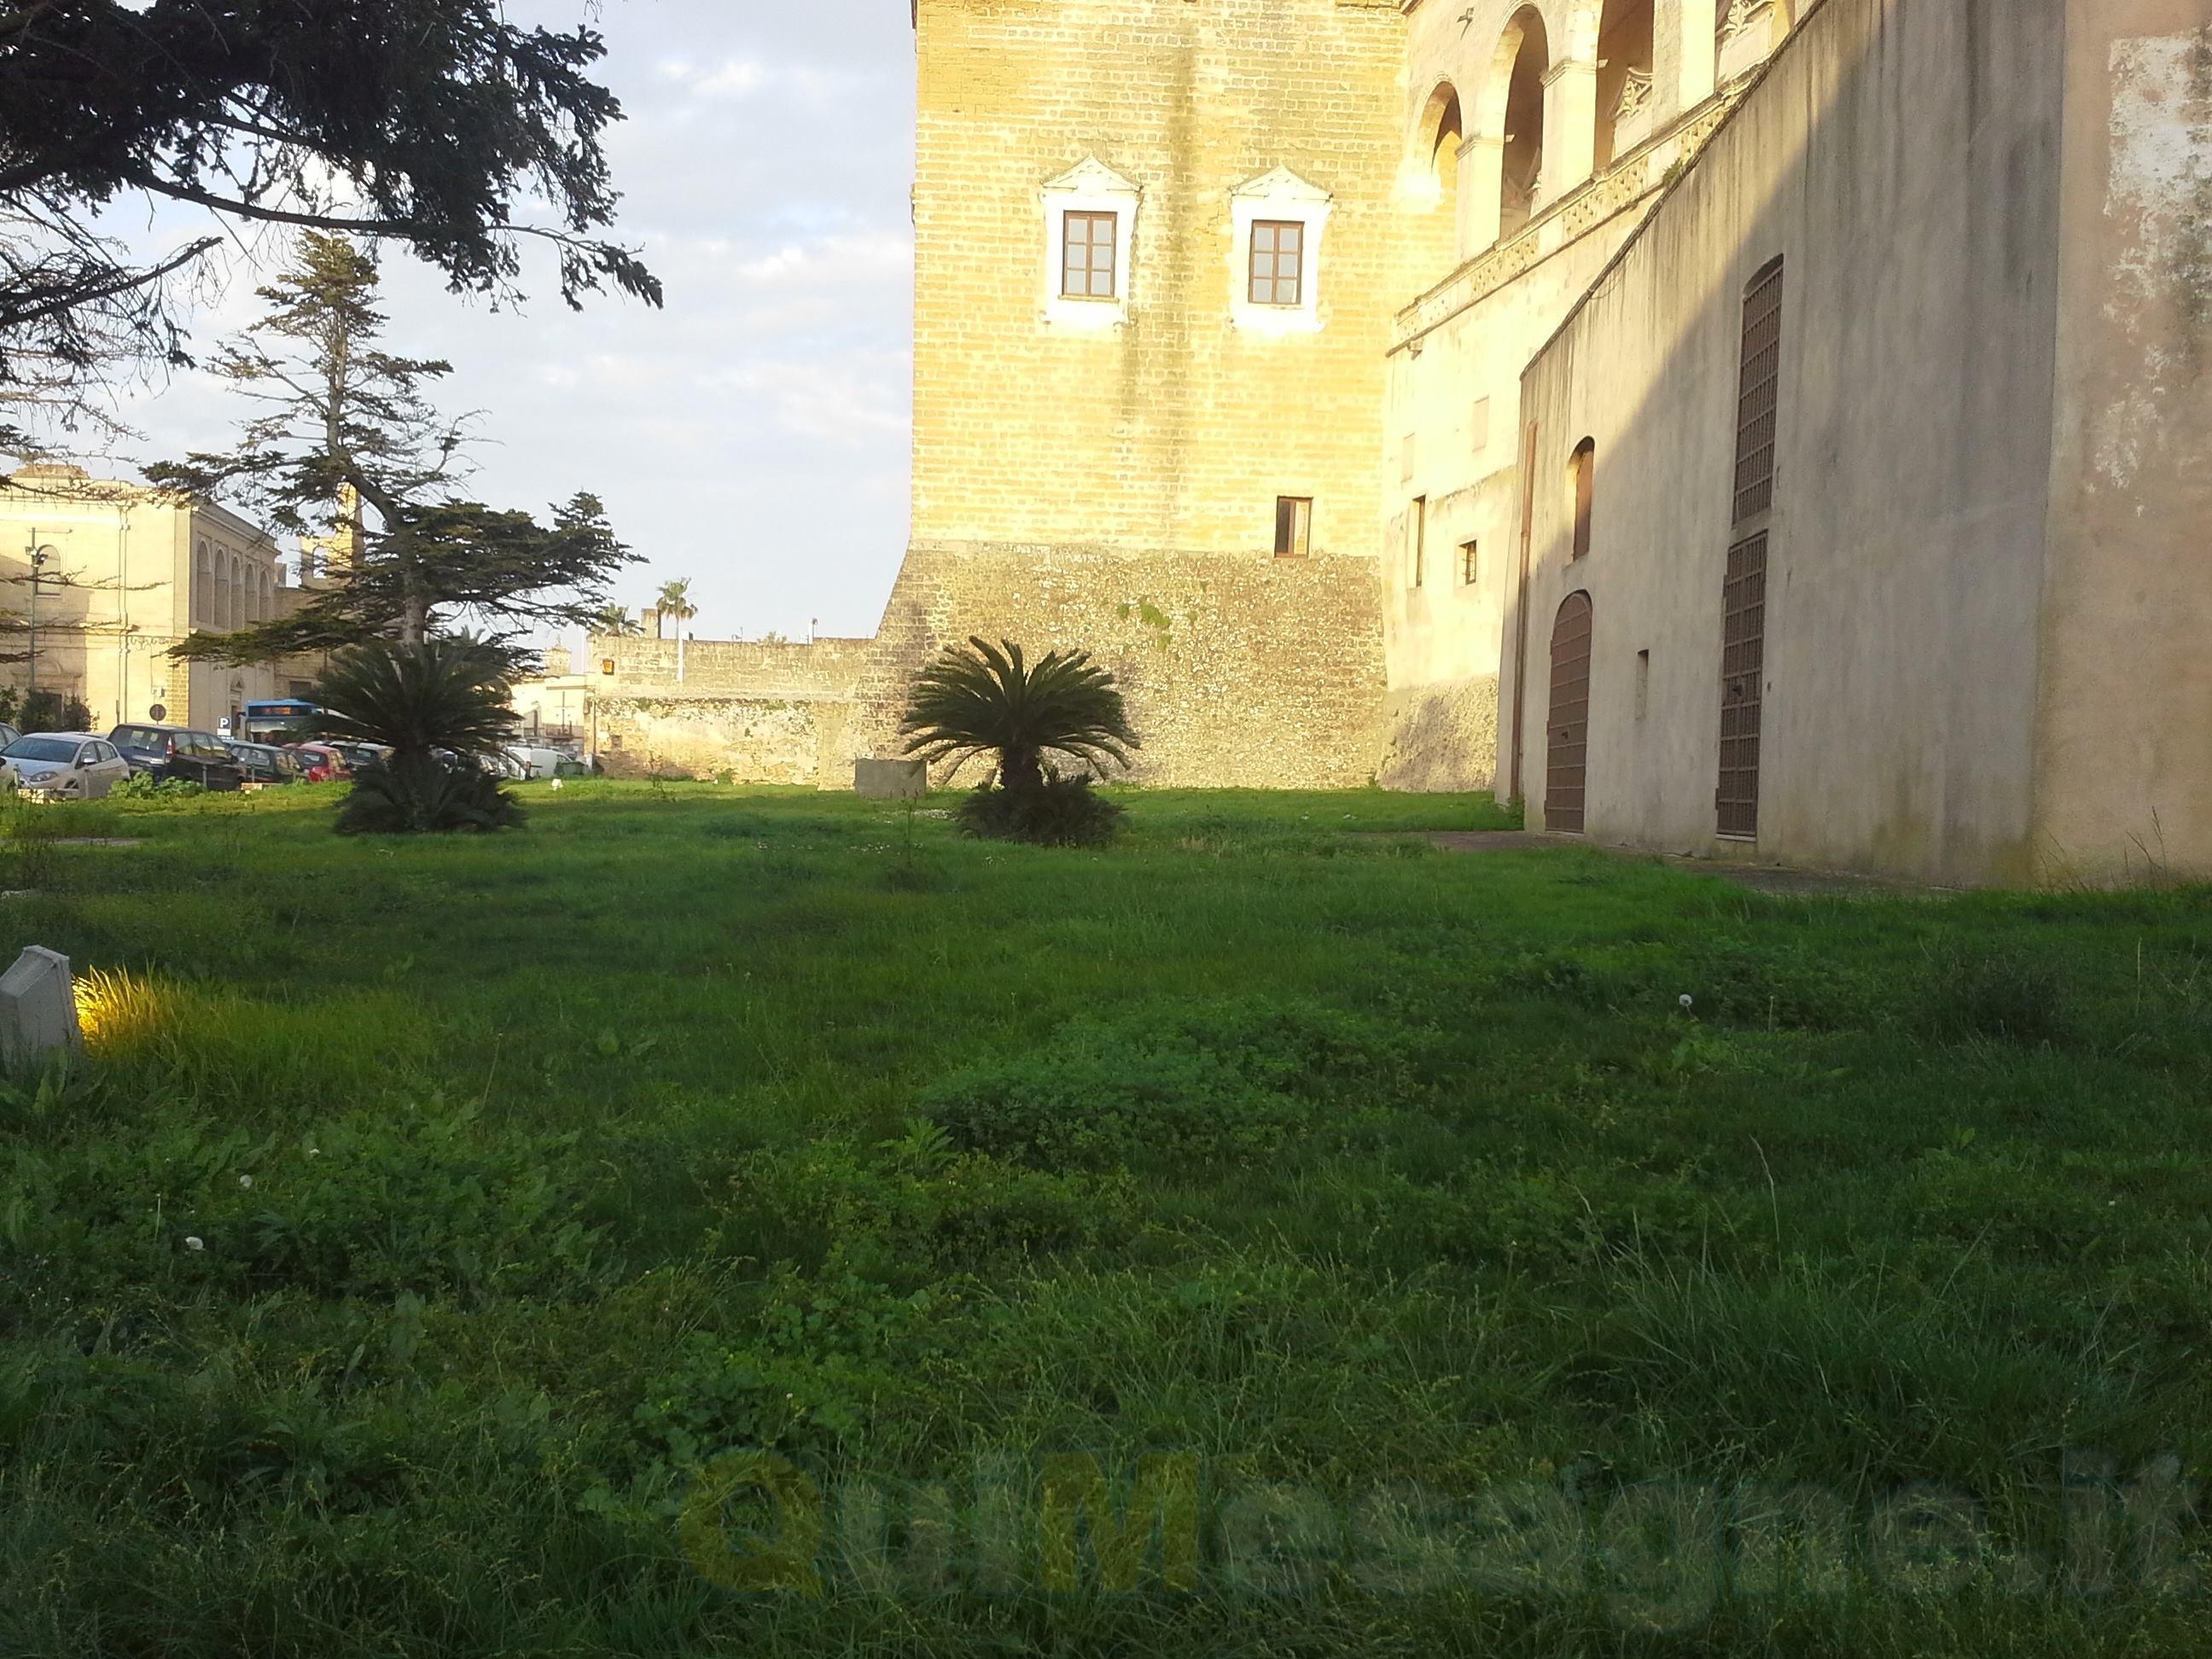 UFFICIO RECLAMI – L'erba cresce rigogliosa. In una settimana l'arrivo della nuova ditta